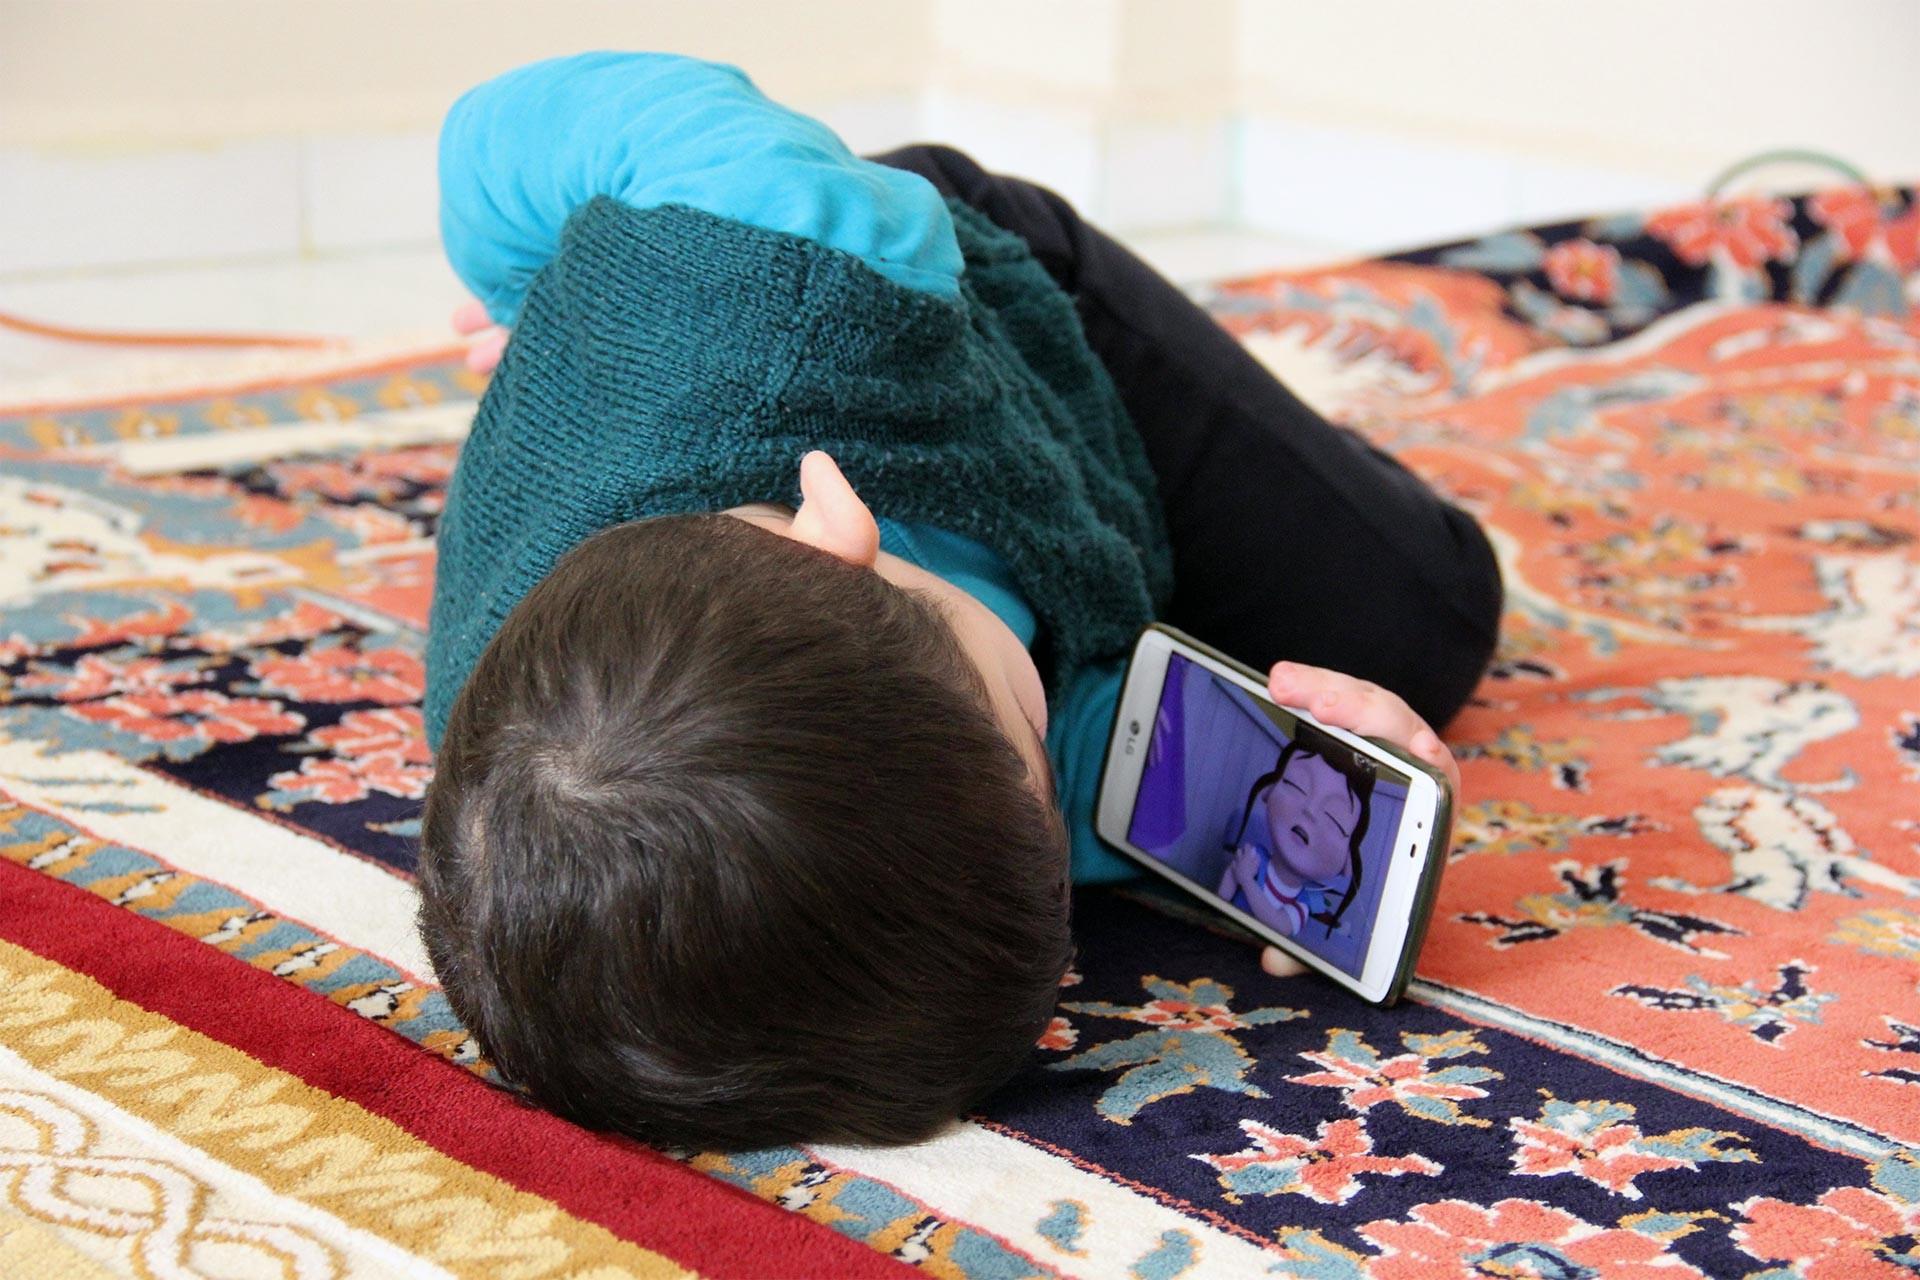 İlyas Gür cep telefonuyla çizgi film izlerken